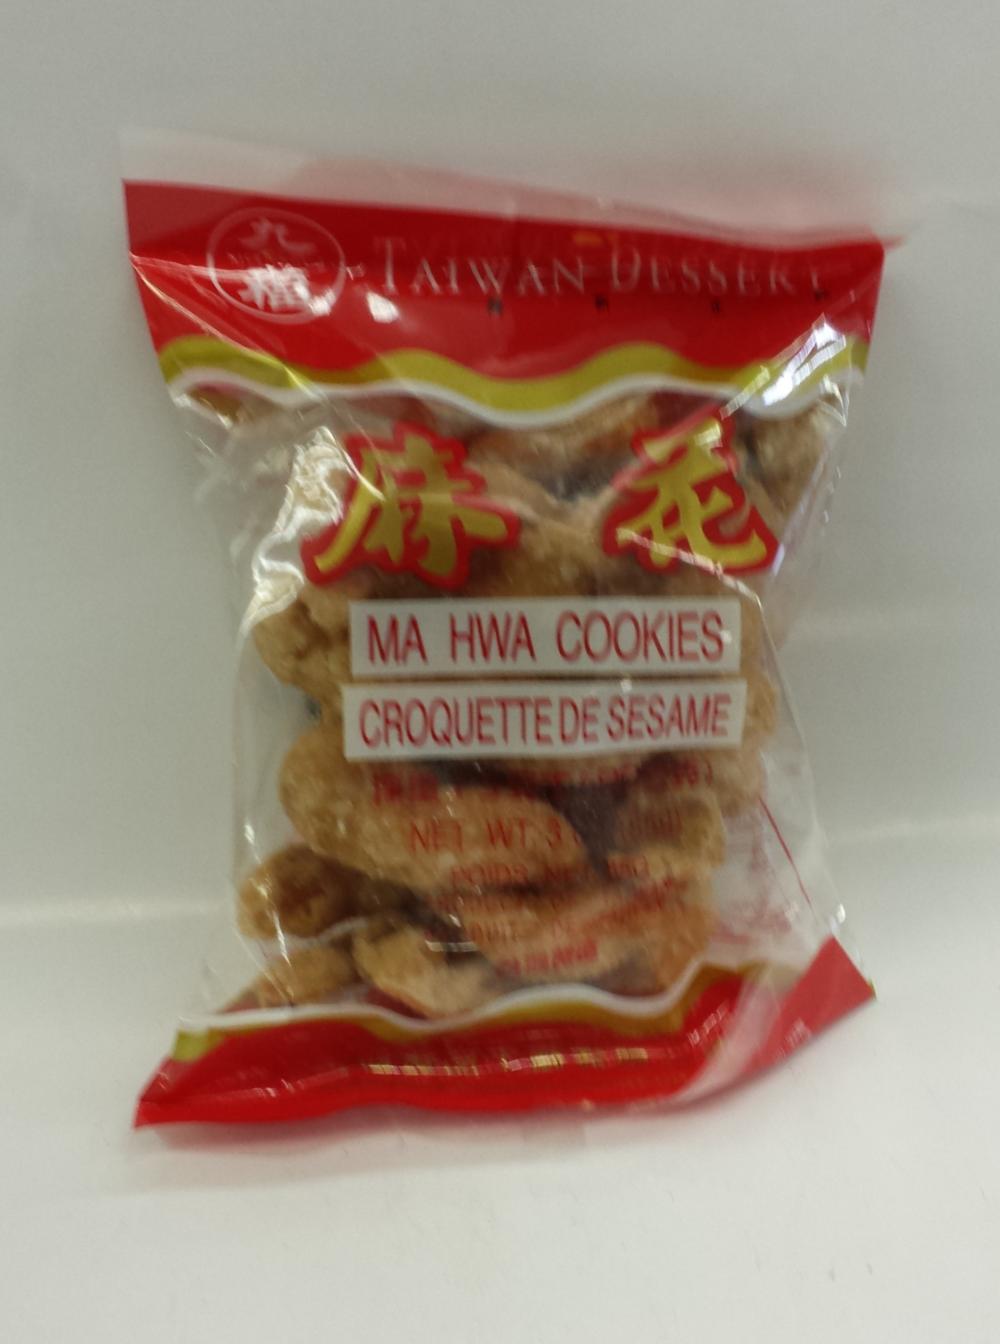 Ma Hwa Cookies   Taiwan   CK15105 100x3 oz